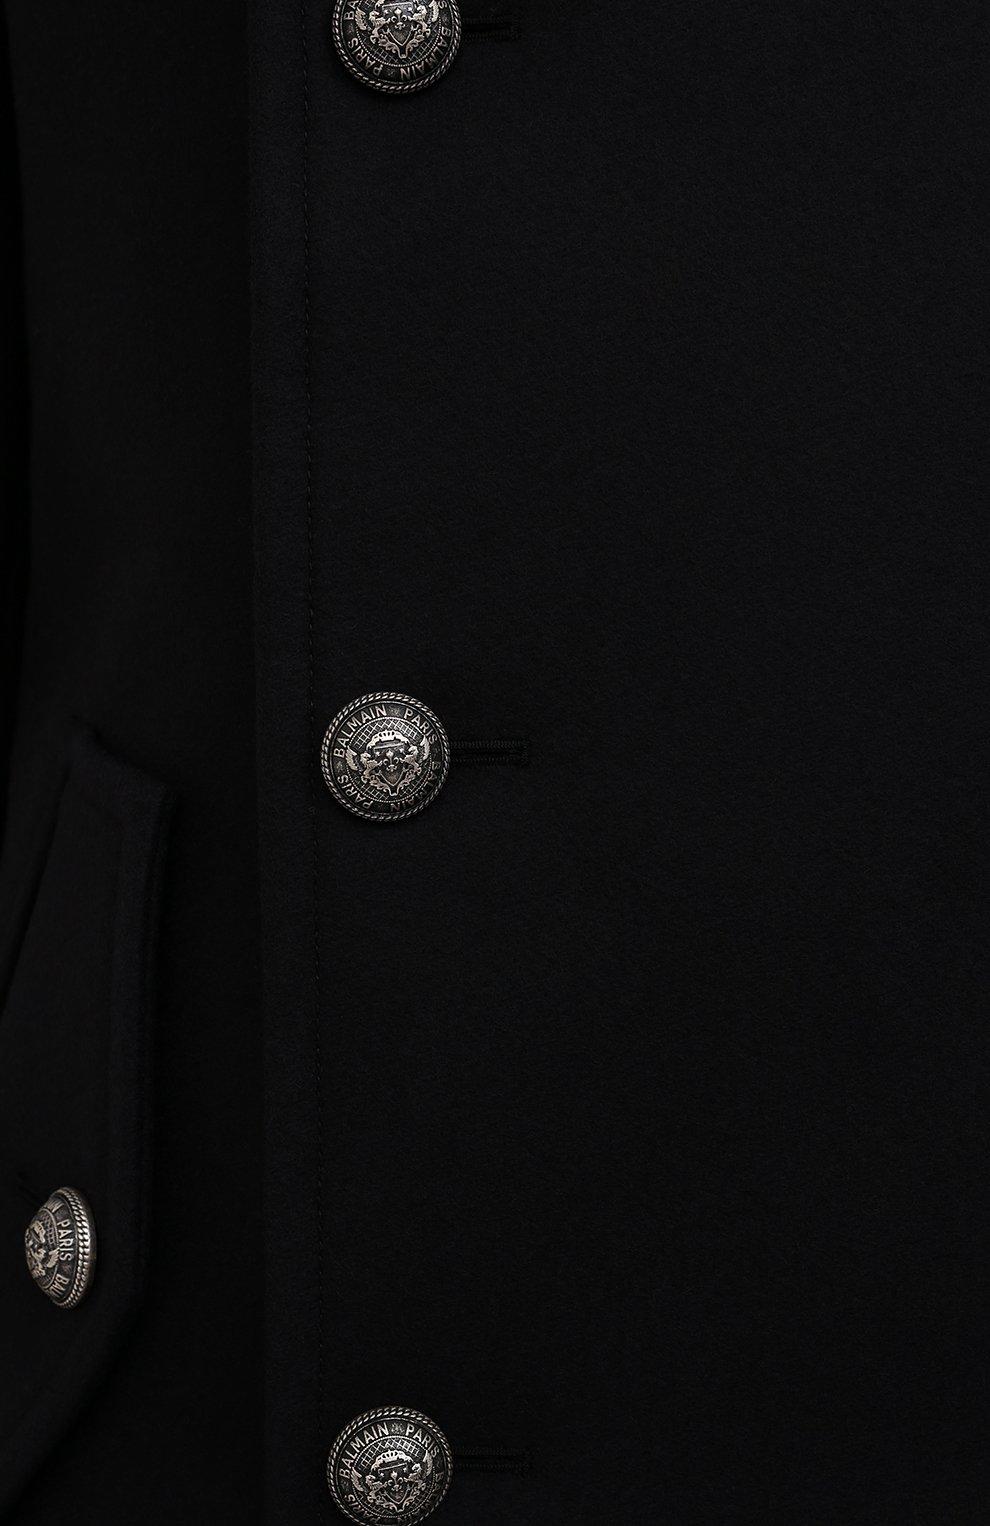 Мужской шерстяной бушлат BALMAIN темно-синего цвета, арт. WH1UC030/W115   Фото 5 (Материал внешний: Шерсть; Рукава: Длинные; Материал подклада: Синтетический материал; Длина (верхняя одежда): Короткие; Мужское Кросс-КТ: пальто-верхняя одежда; Стили: Кэжуэл)